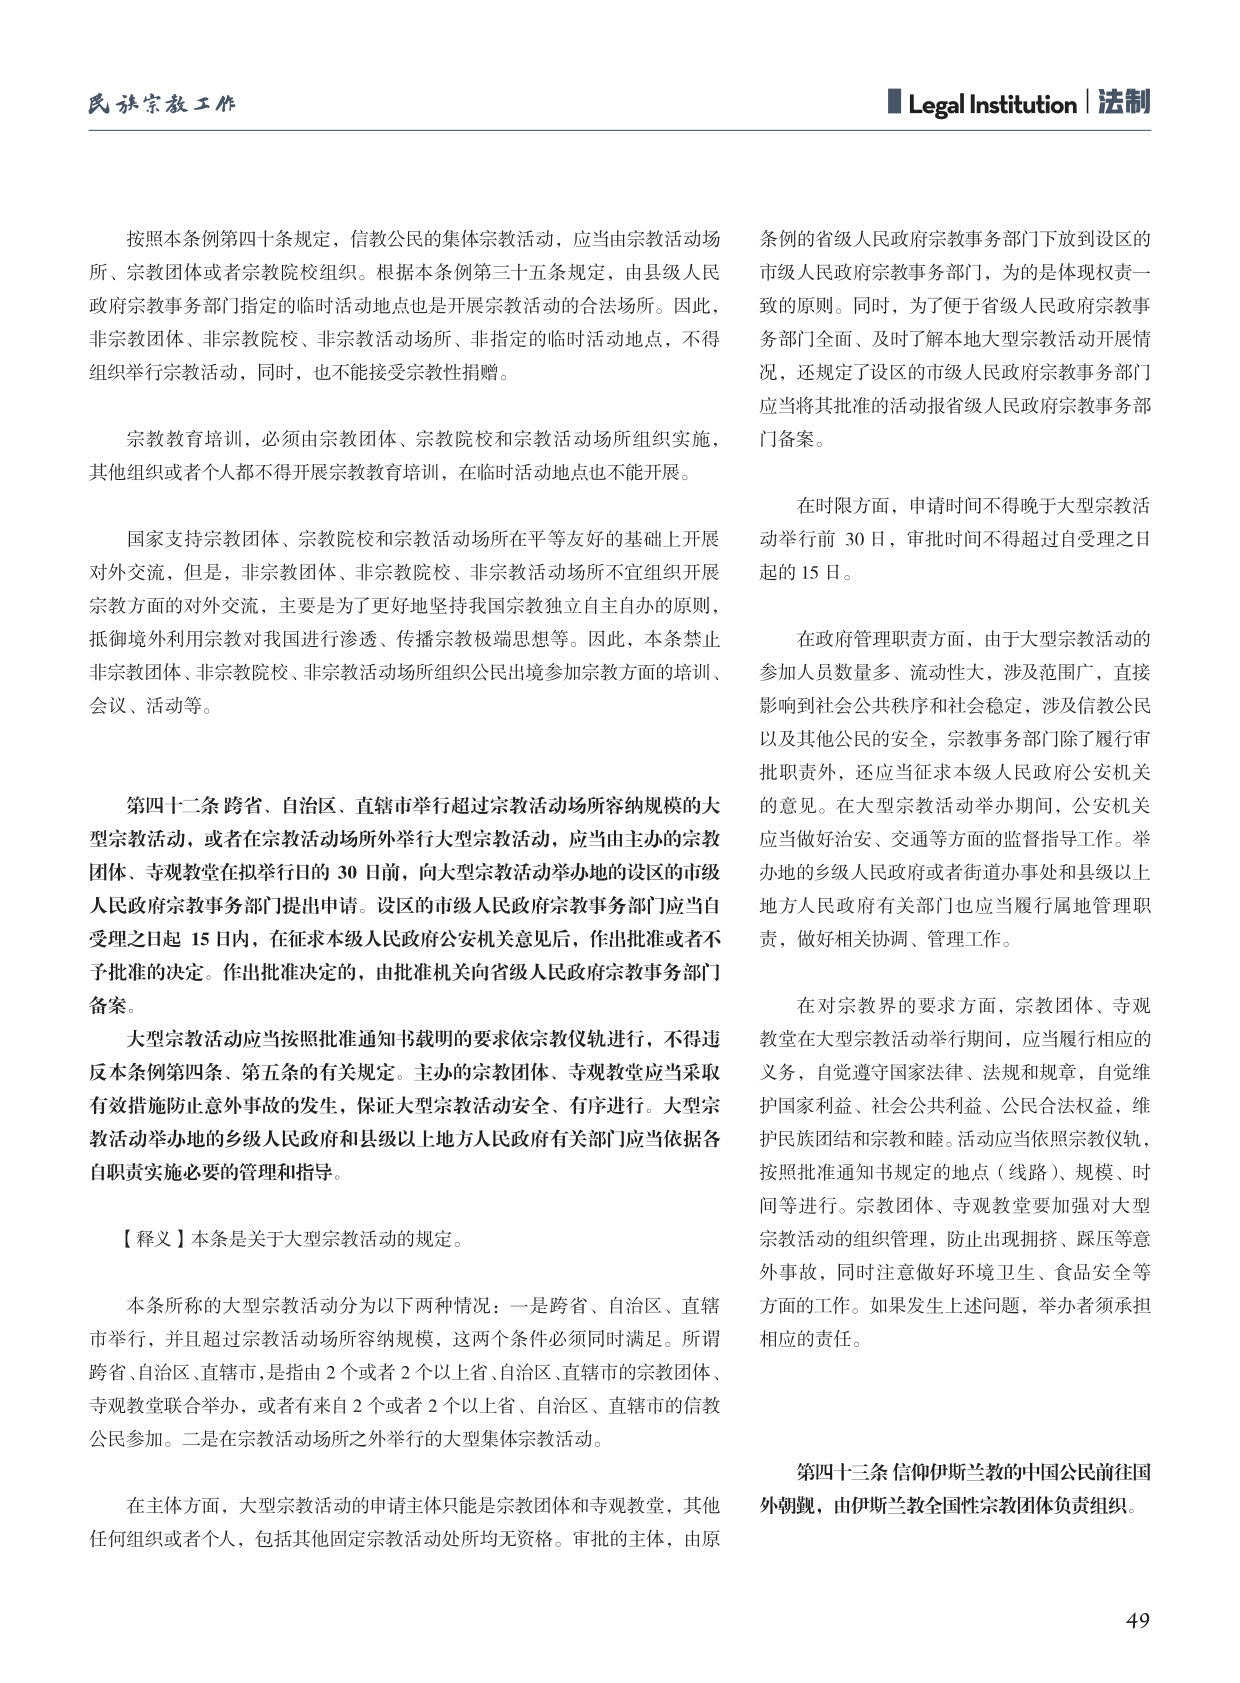 民宗委 十月(1)_51.jpg